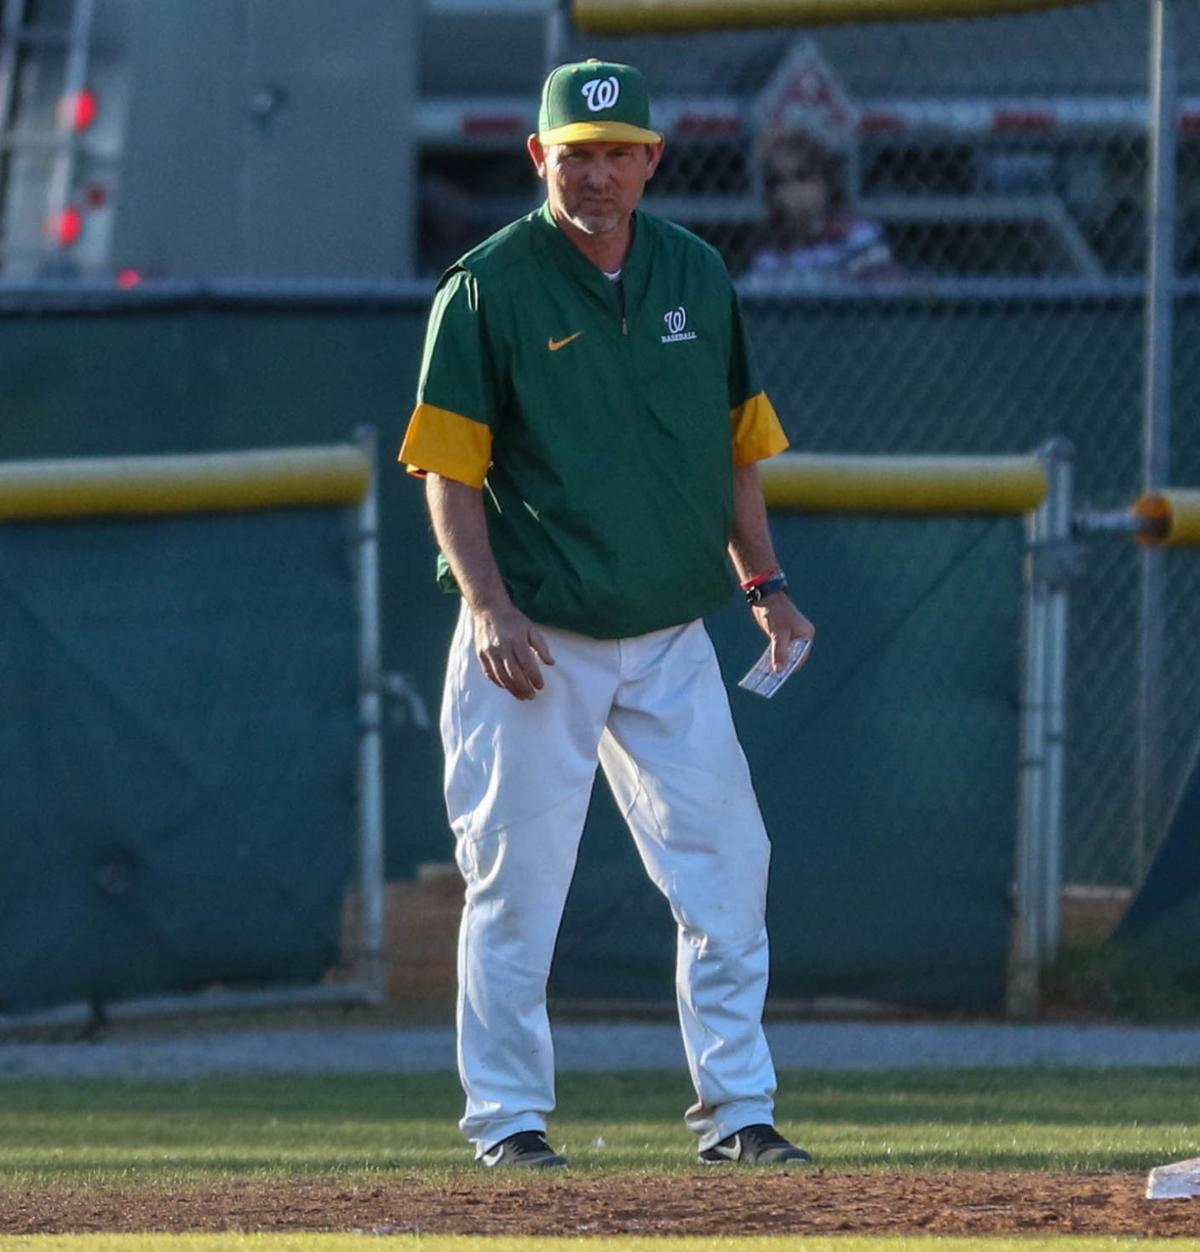 Walker vs St. Amant Baseball: Randy Sandifer